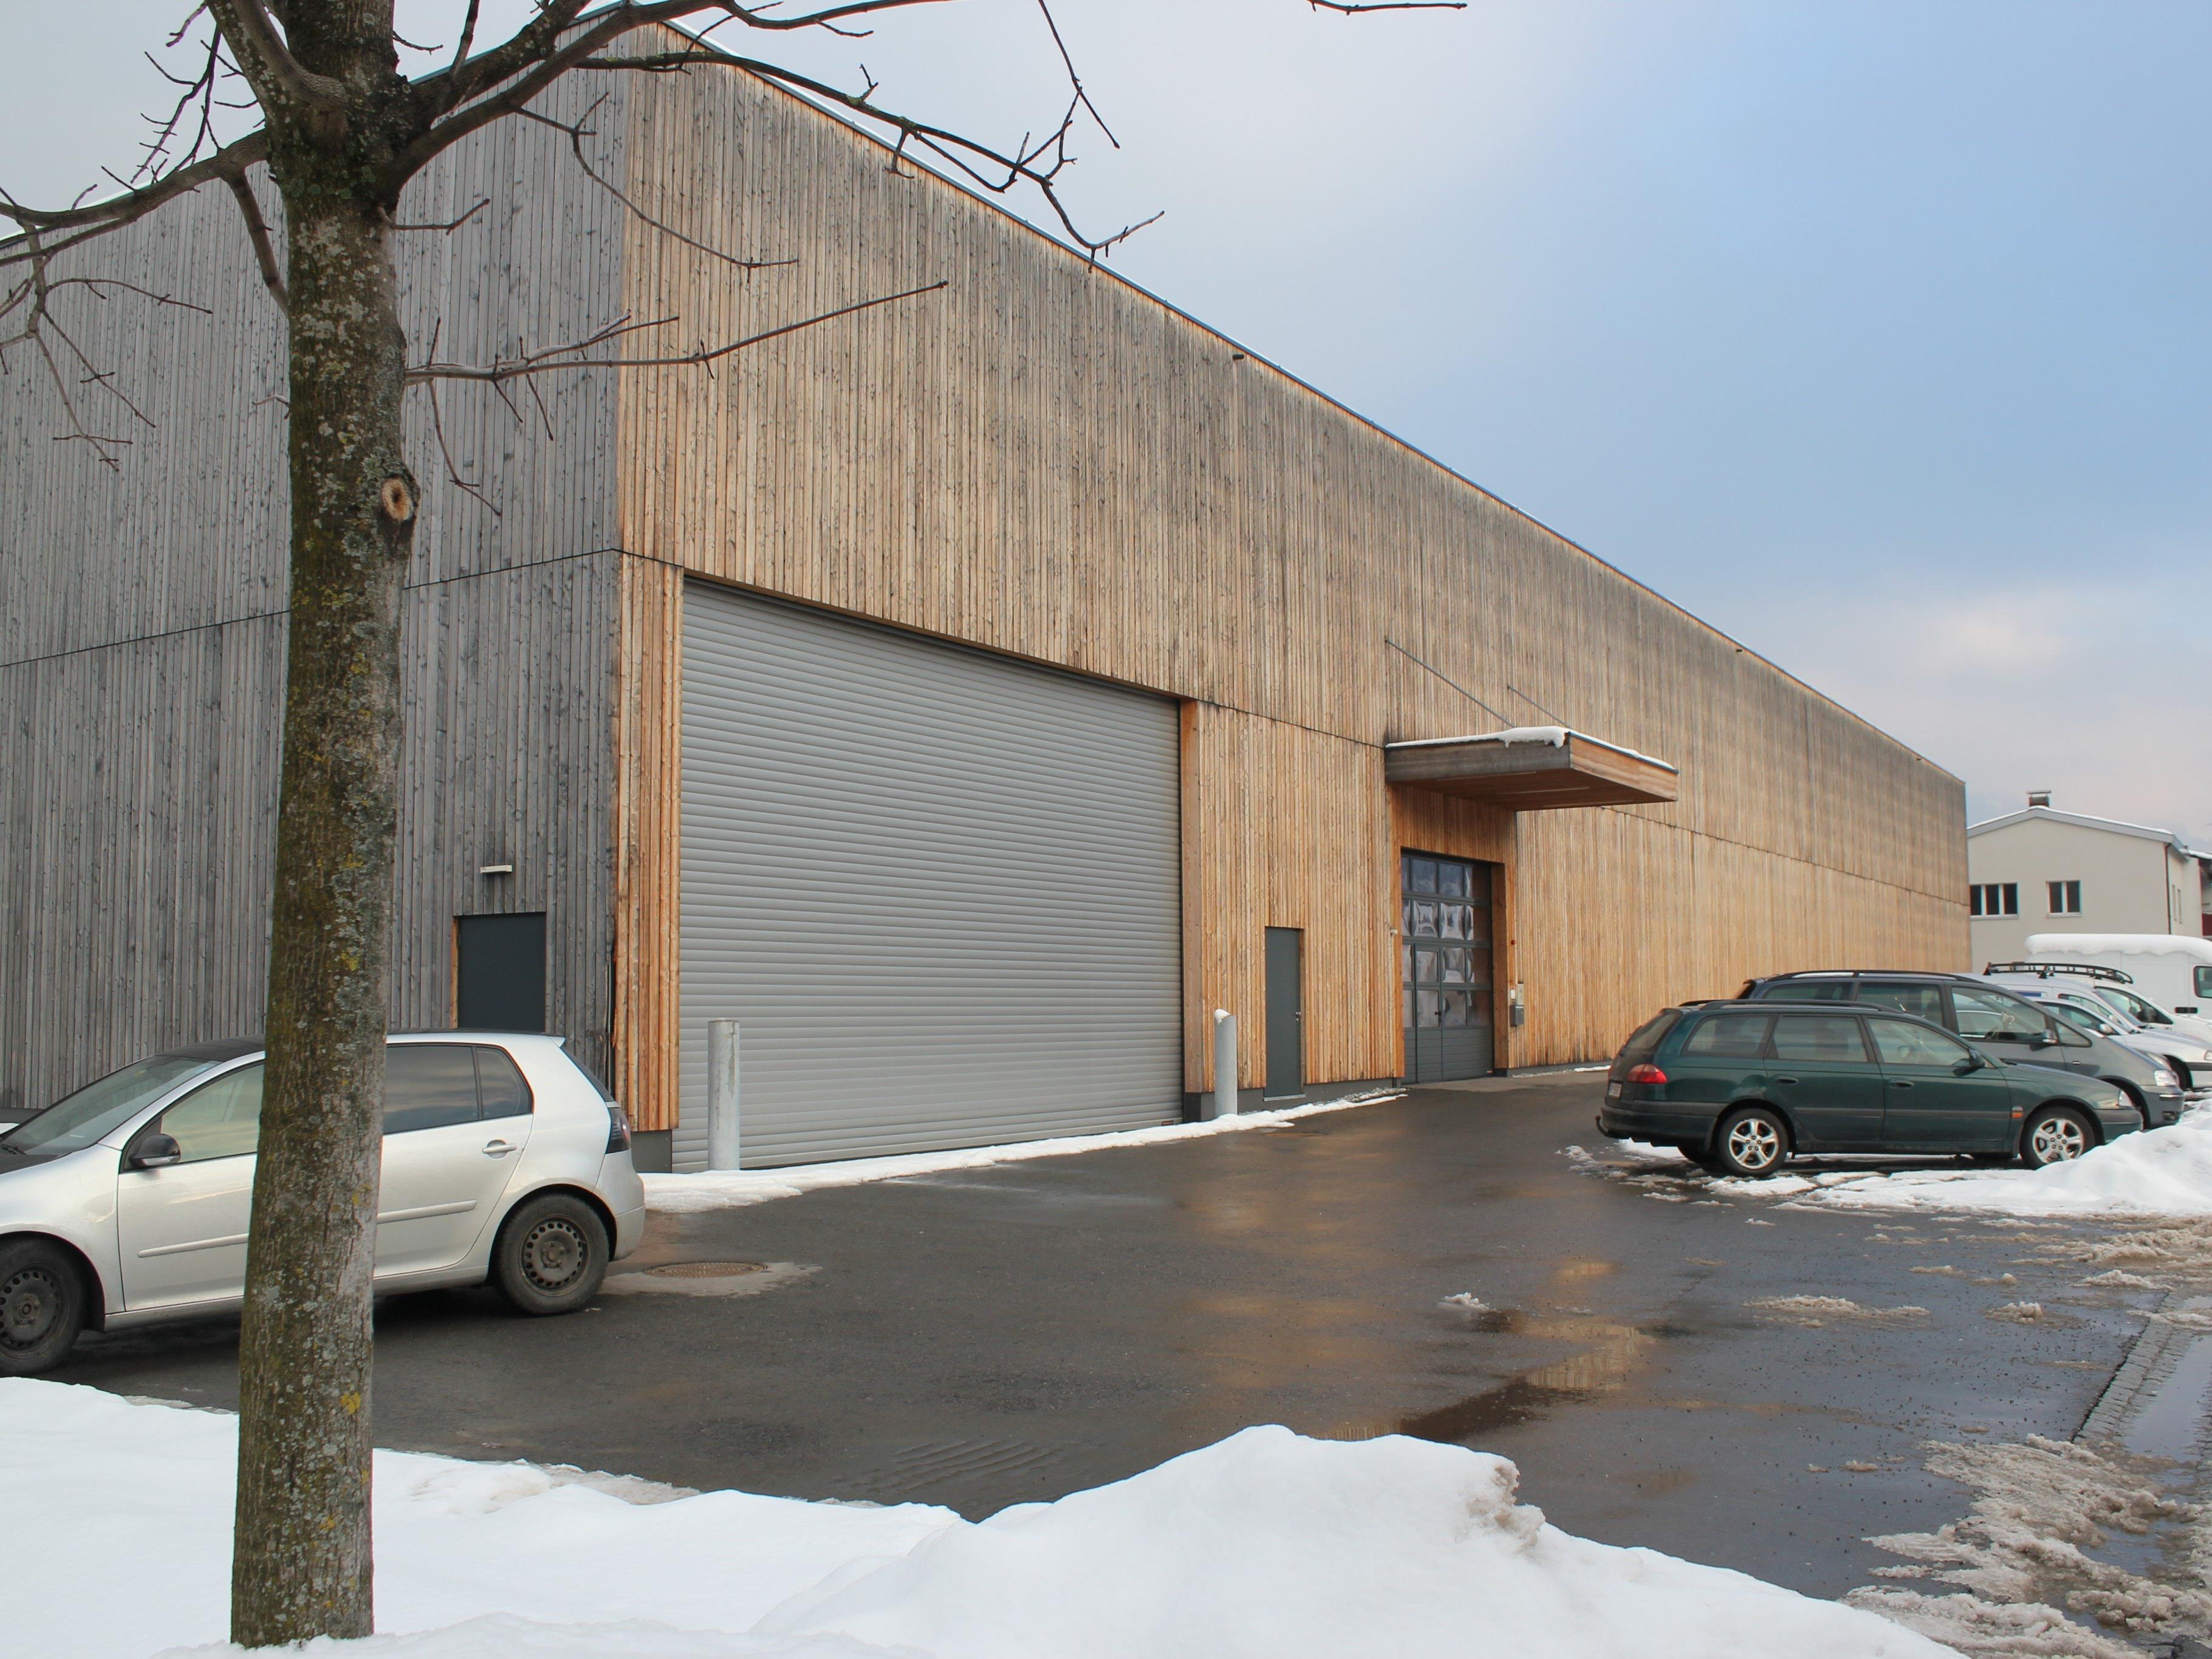 Die leerstehenden Lagerhallen in der Klarenbrunnstraße wurden zum Notquartier für Flüchtlinge umgebaut.